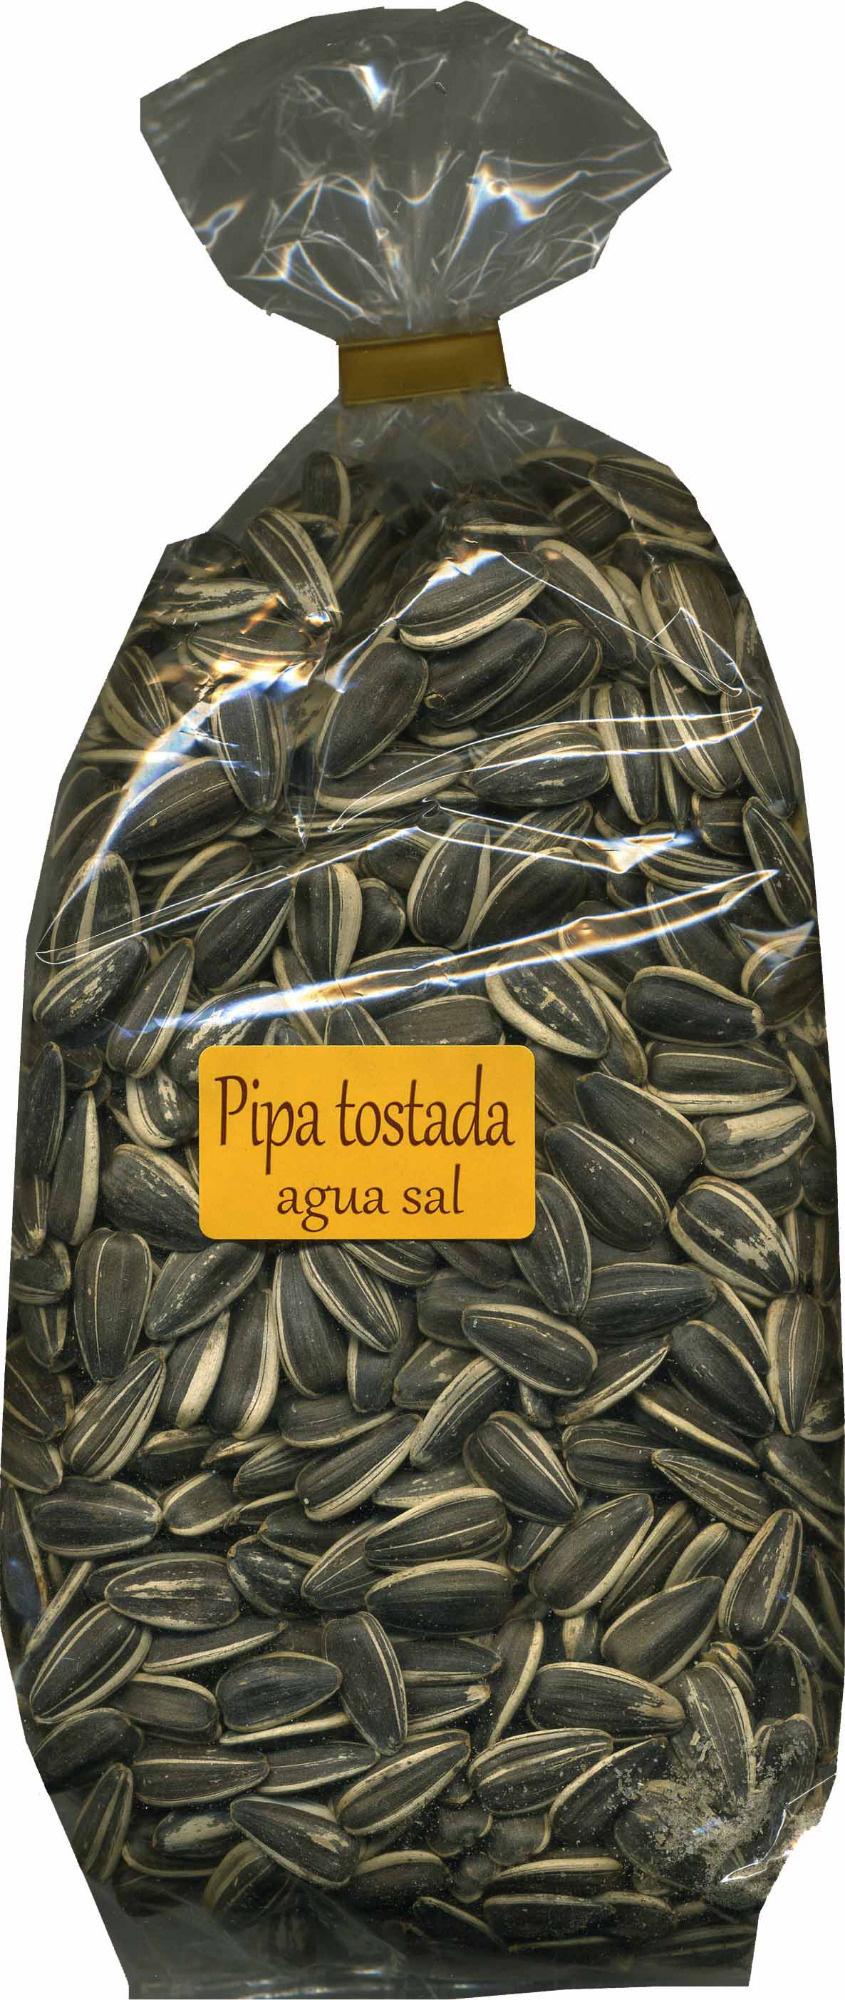 Semillas de girasol con cáscara tostadas aguasal - Producte - es